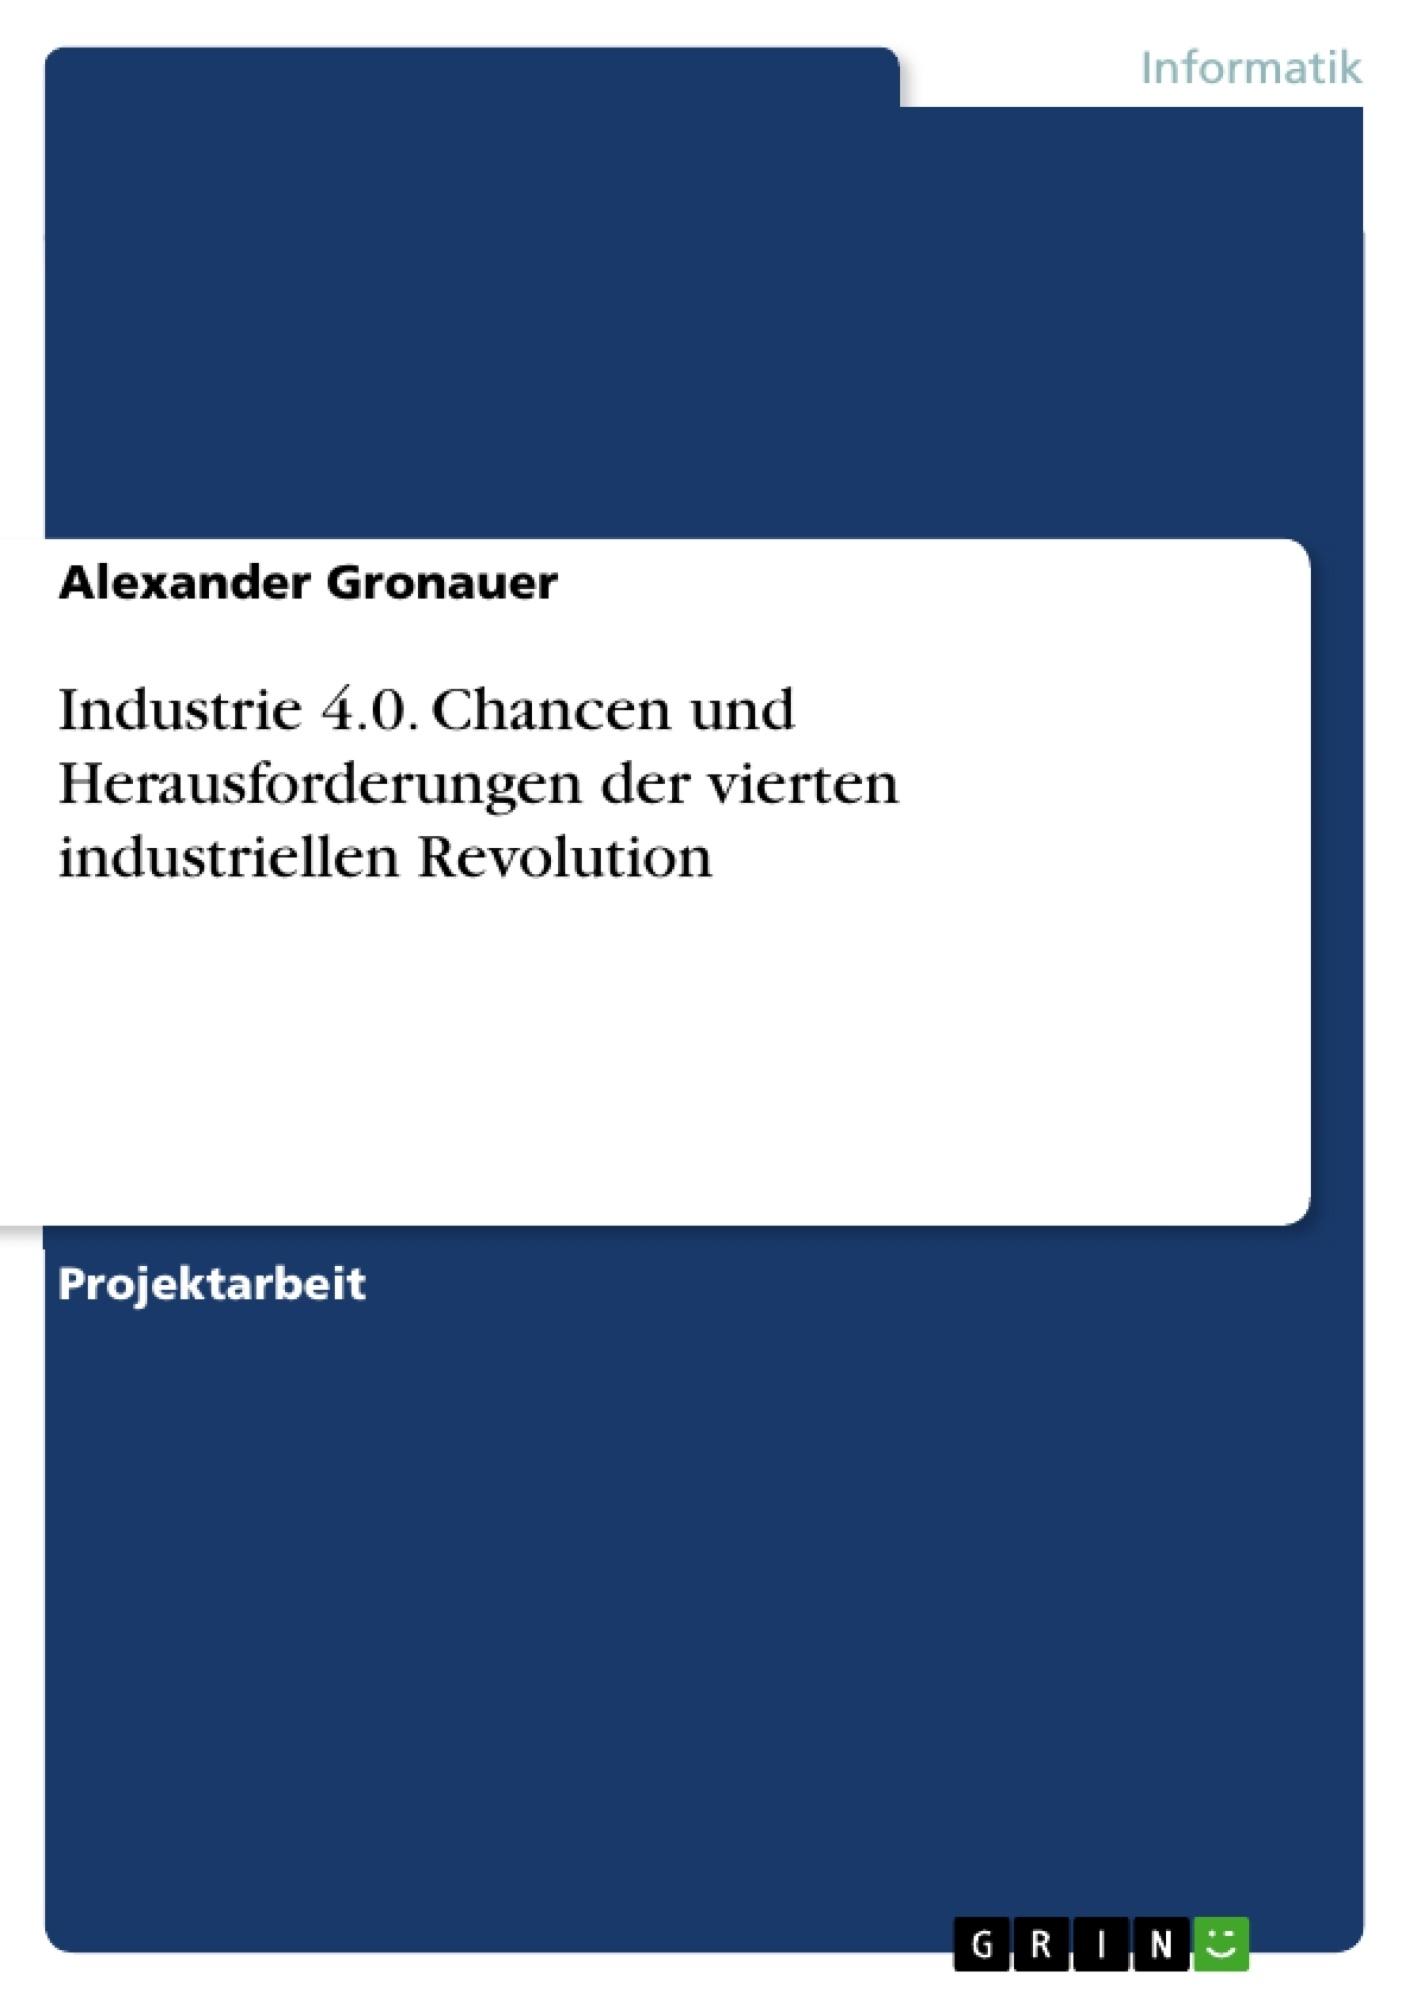 Titel: Industrie 4.0. Chancen und Herausforderungen der vierten industriellen Revolution